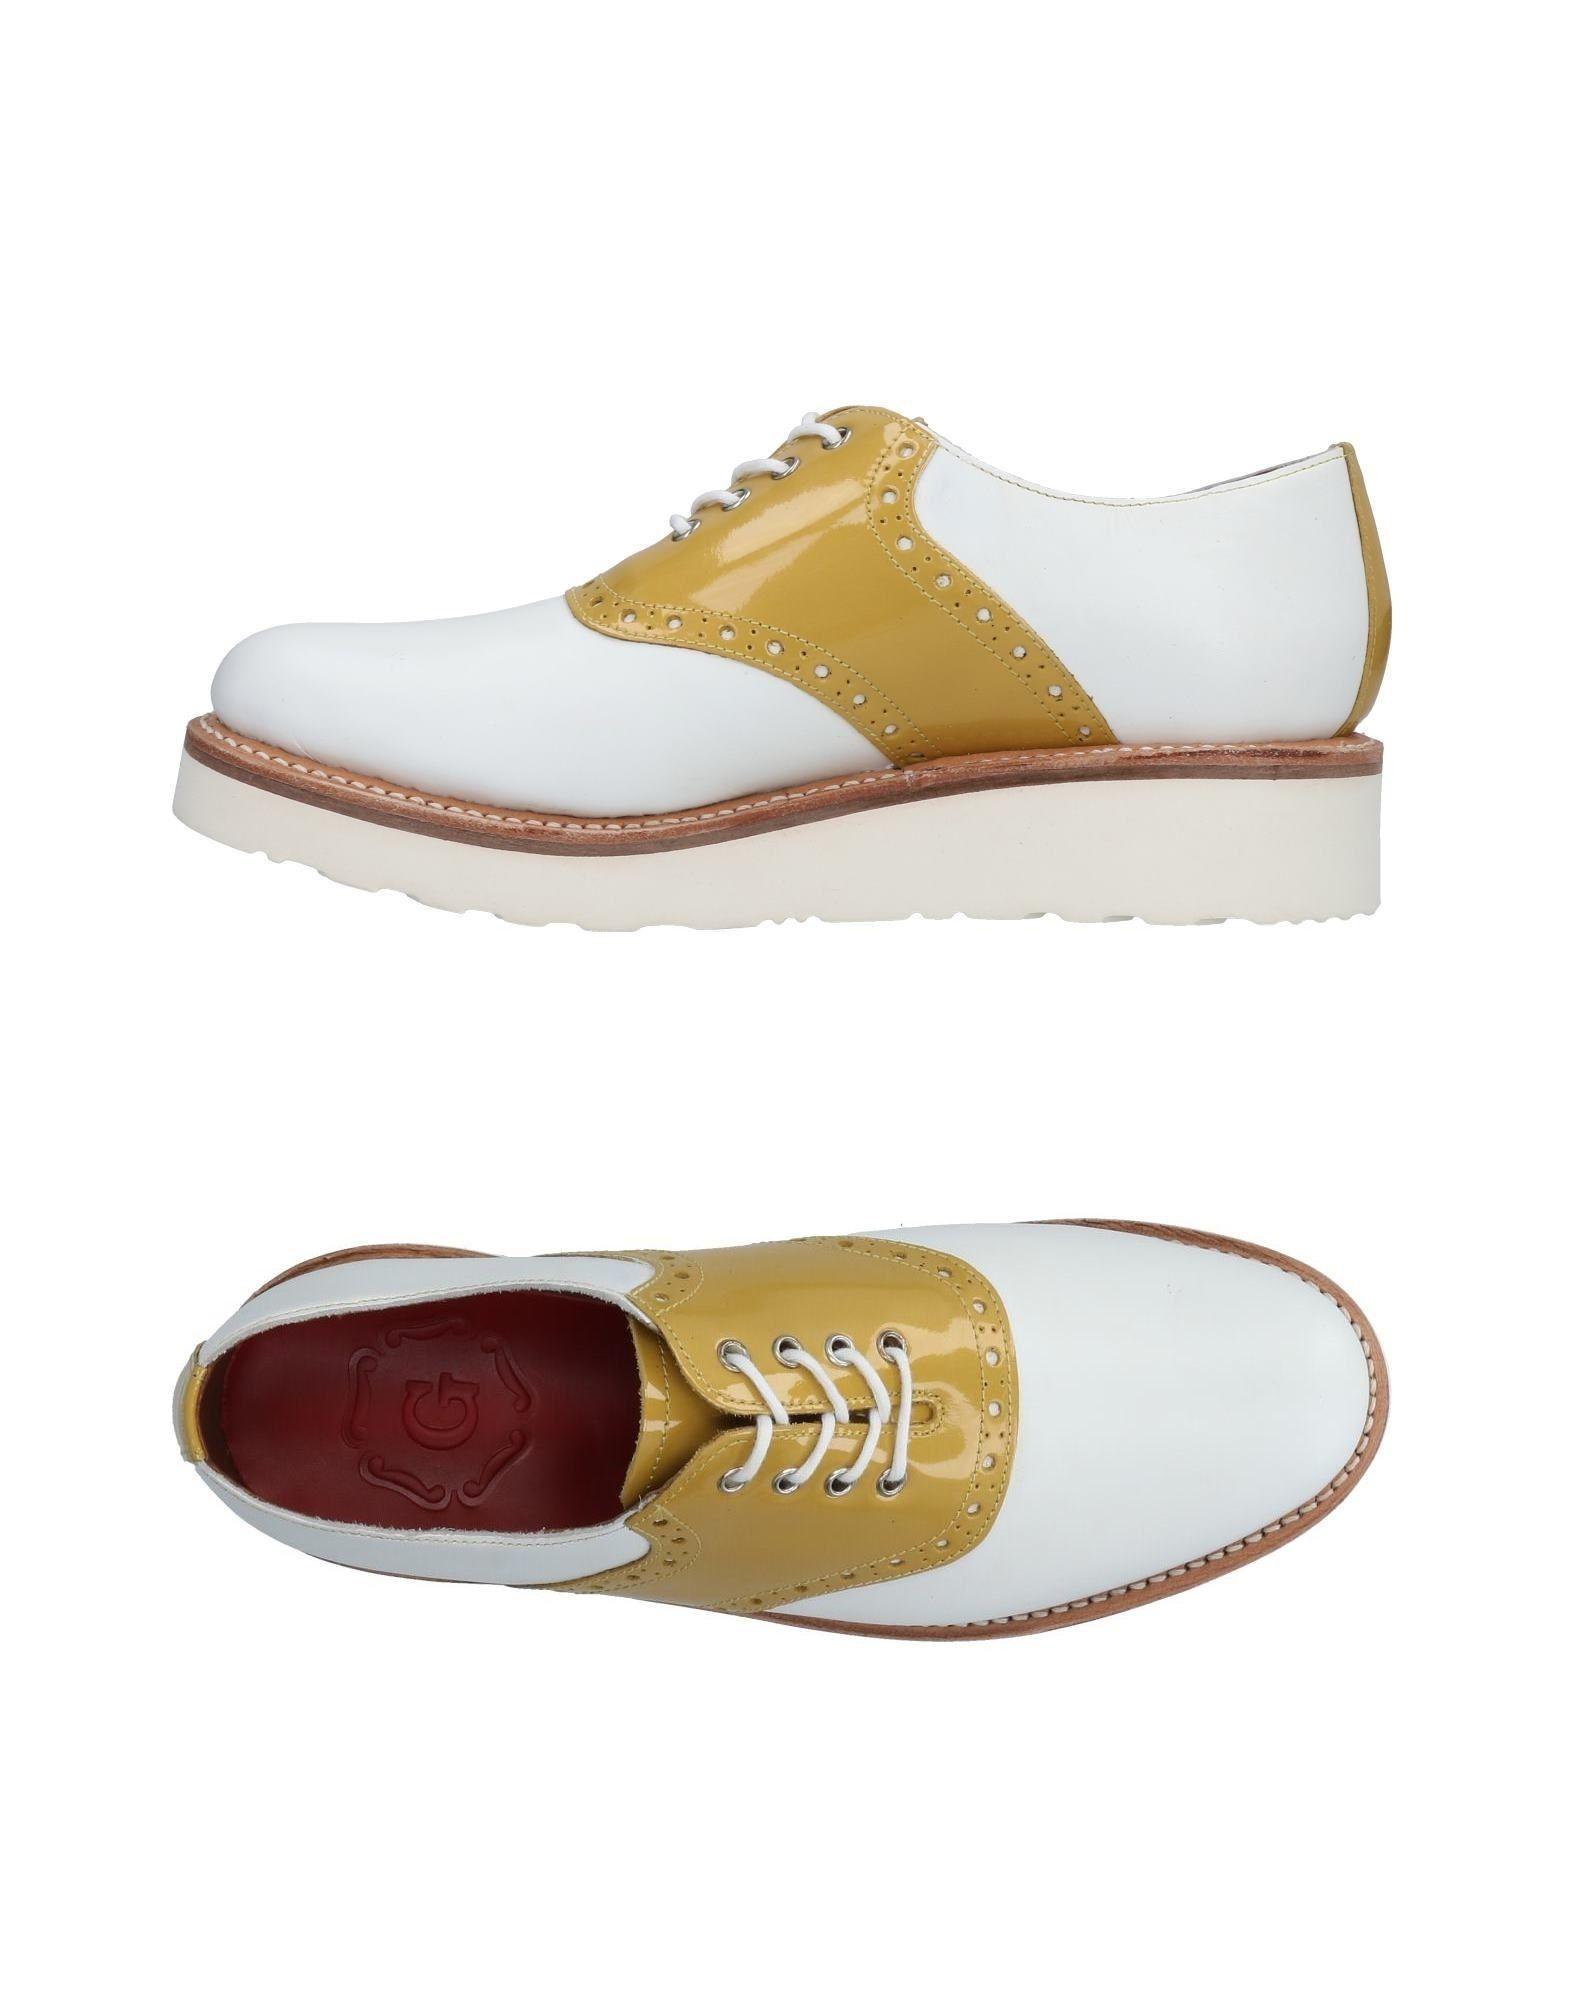 Grenson Schnürschuhe Damen  11476891PI Gute Qualität beliebte Schuhe